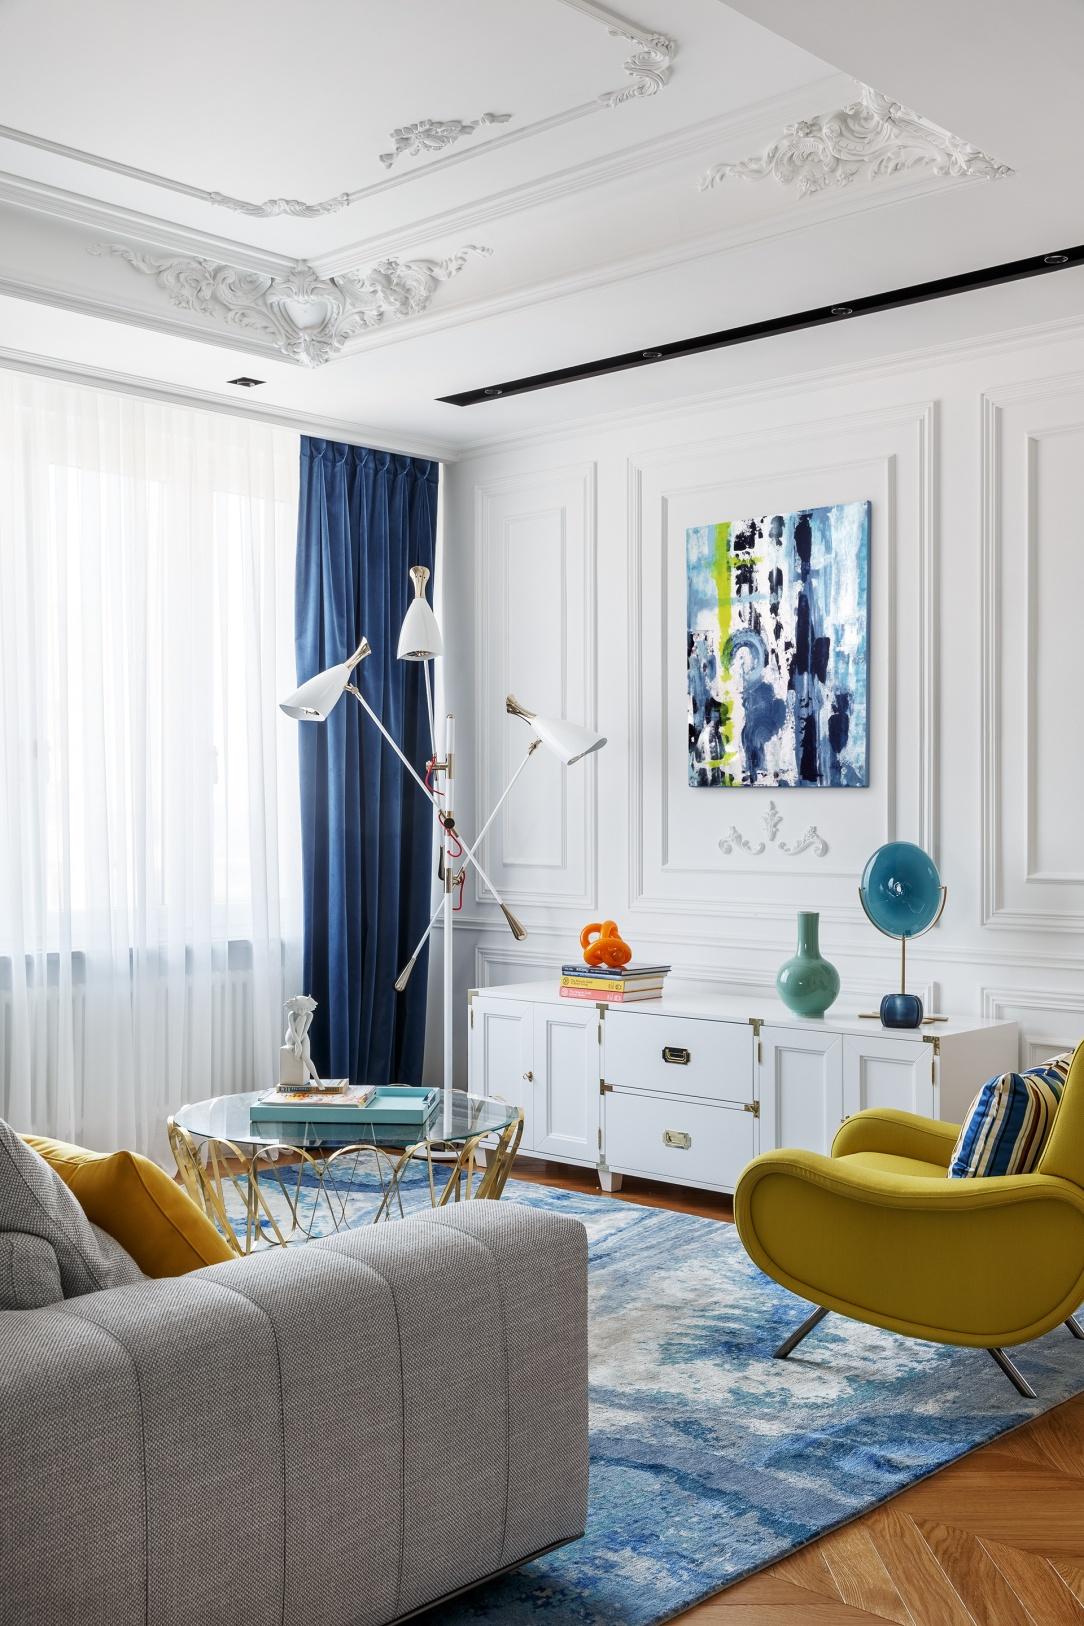 Современный дизайн интерьера гостиной квартиры в классическом ярком стиле